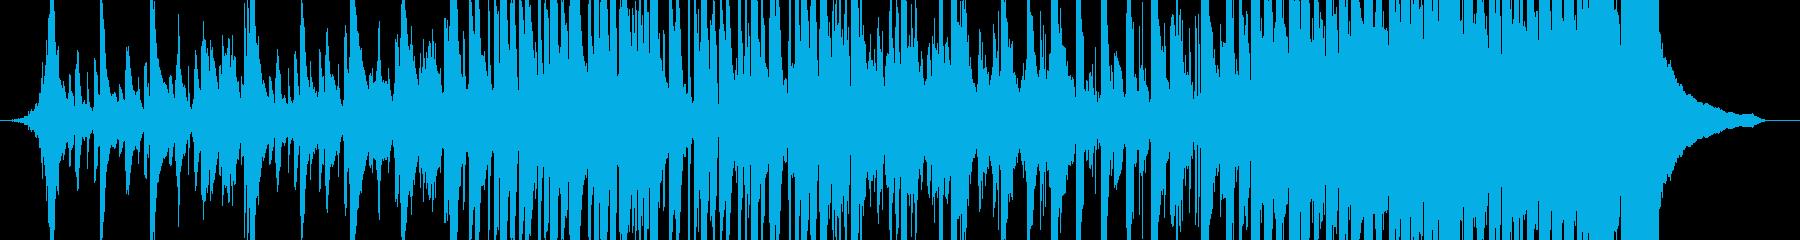 緊張感のある和風EDMの再生済みの波形